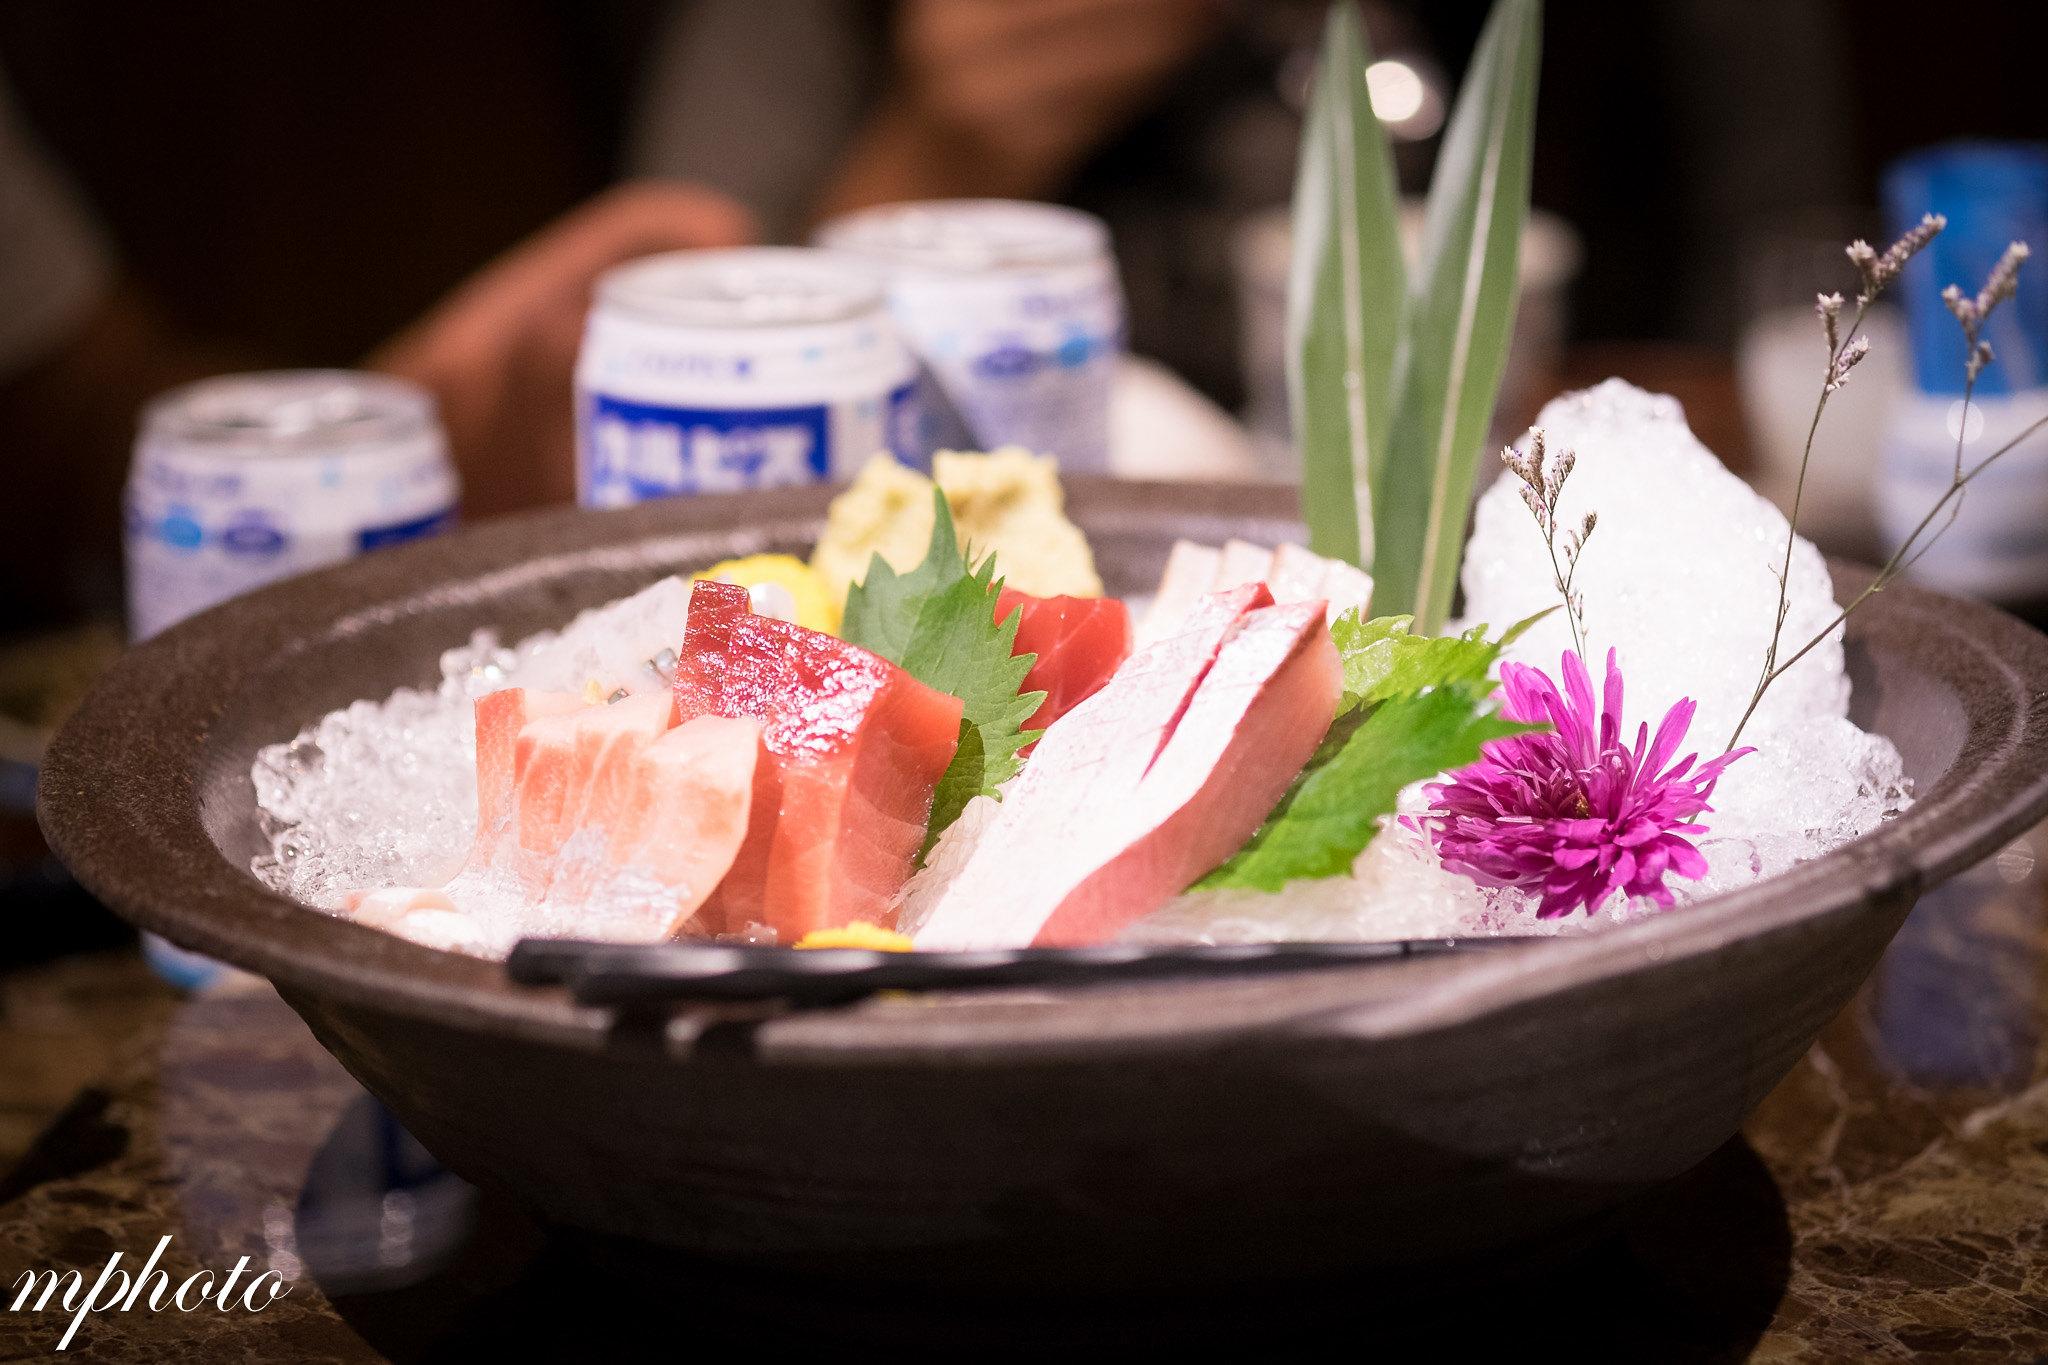 高雄日式餐廳 私人招待所 日式料理 創意料理